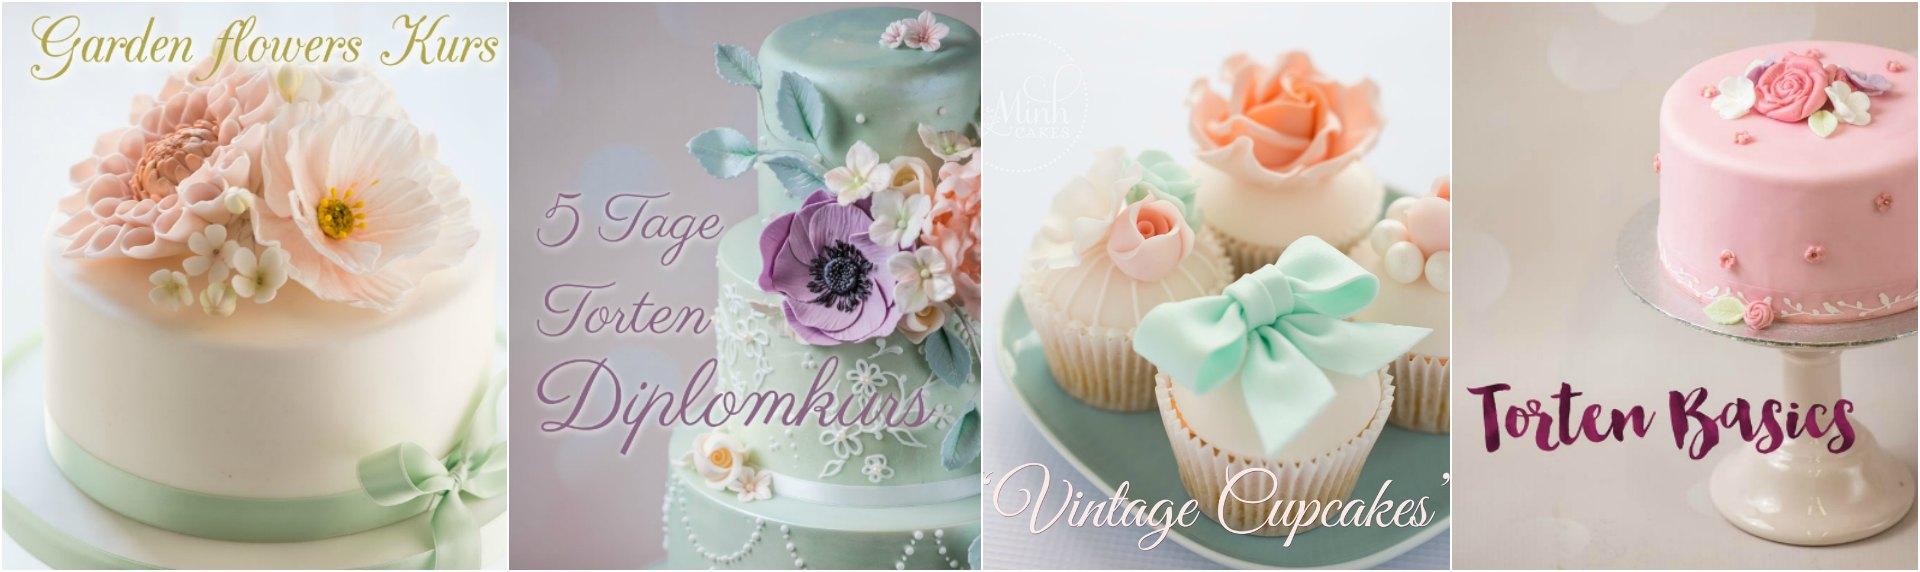 Cake Design Kurs Zurich : Tortenkurse Zurich, Cupcake und Kuchen Kurse bei Minh ...